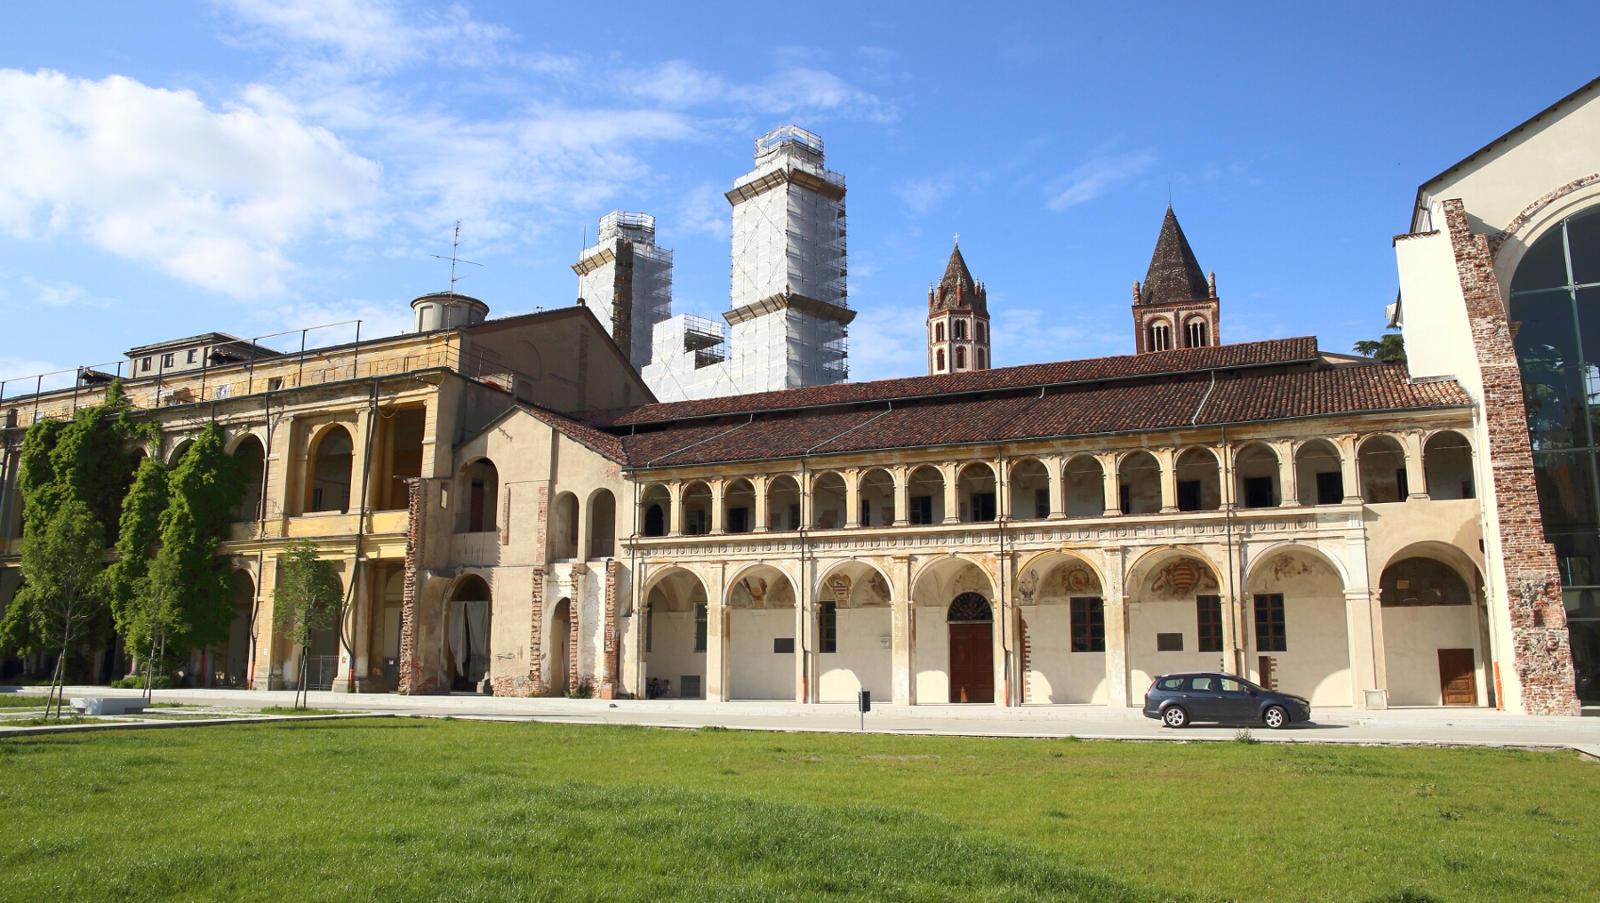 Valutazione Immobili Vercelli